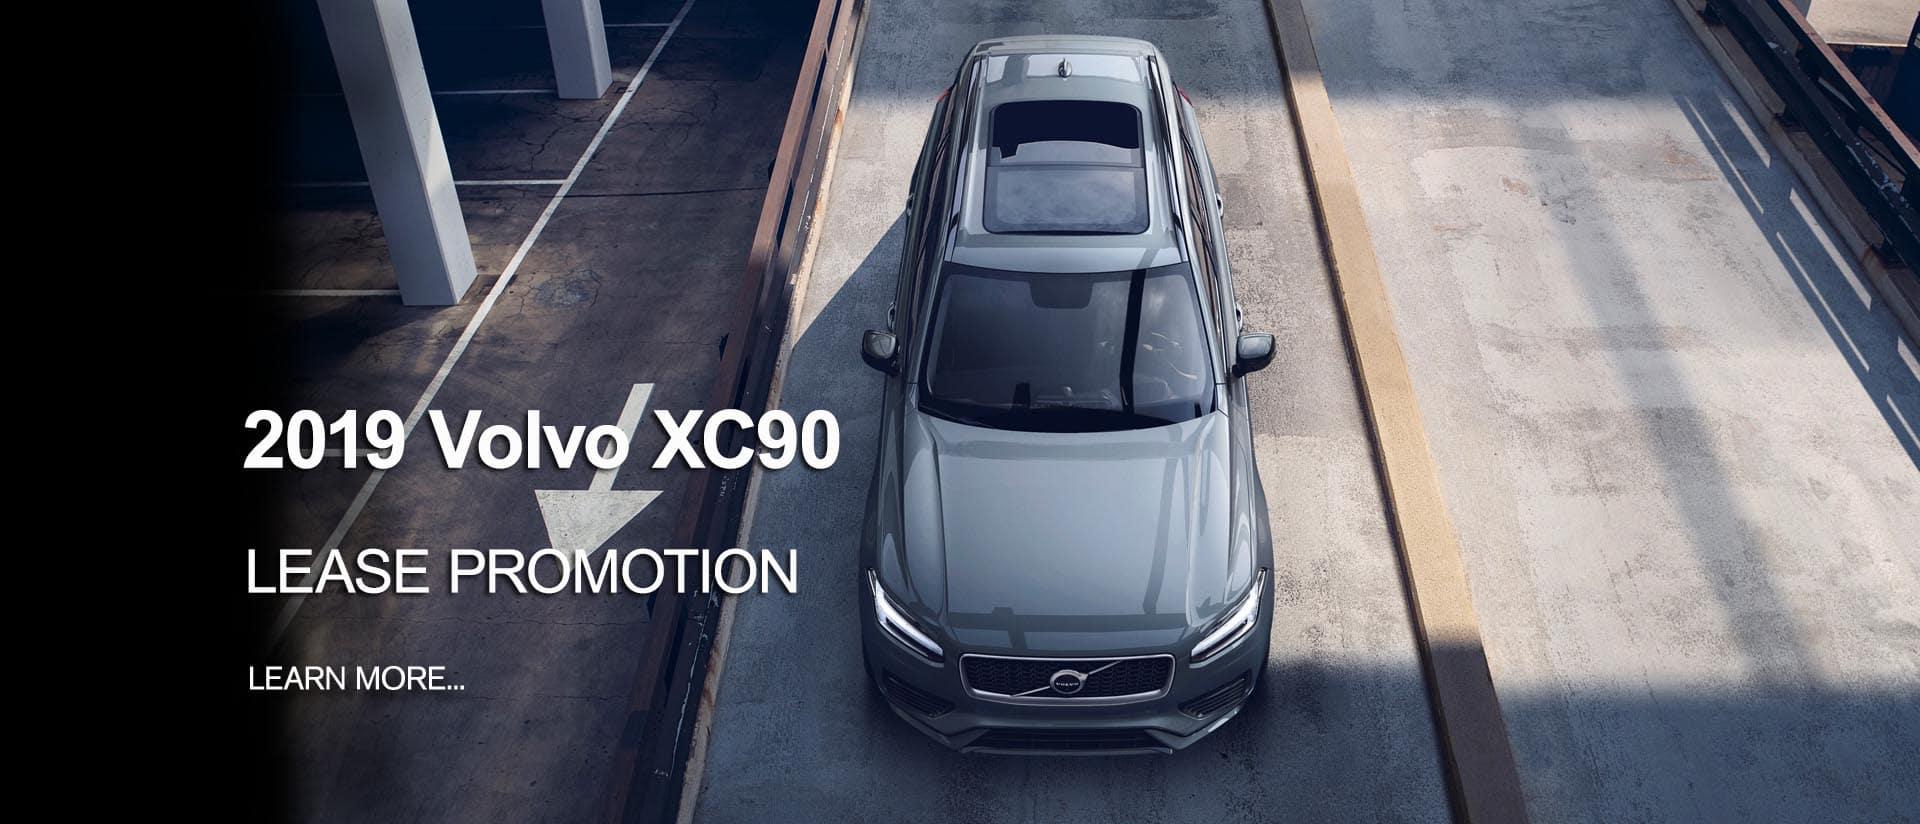 XC90-promotion